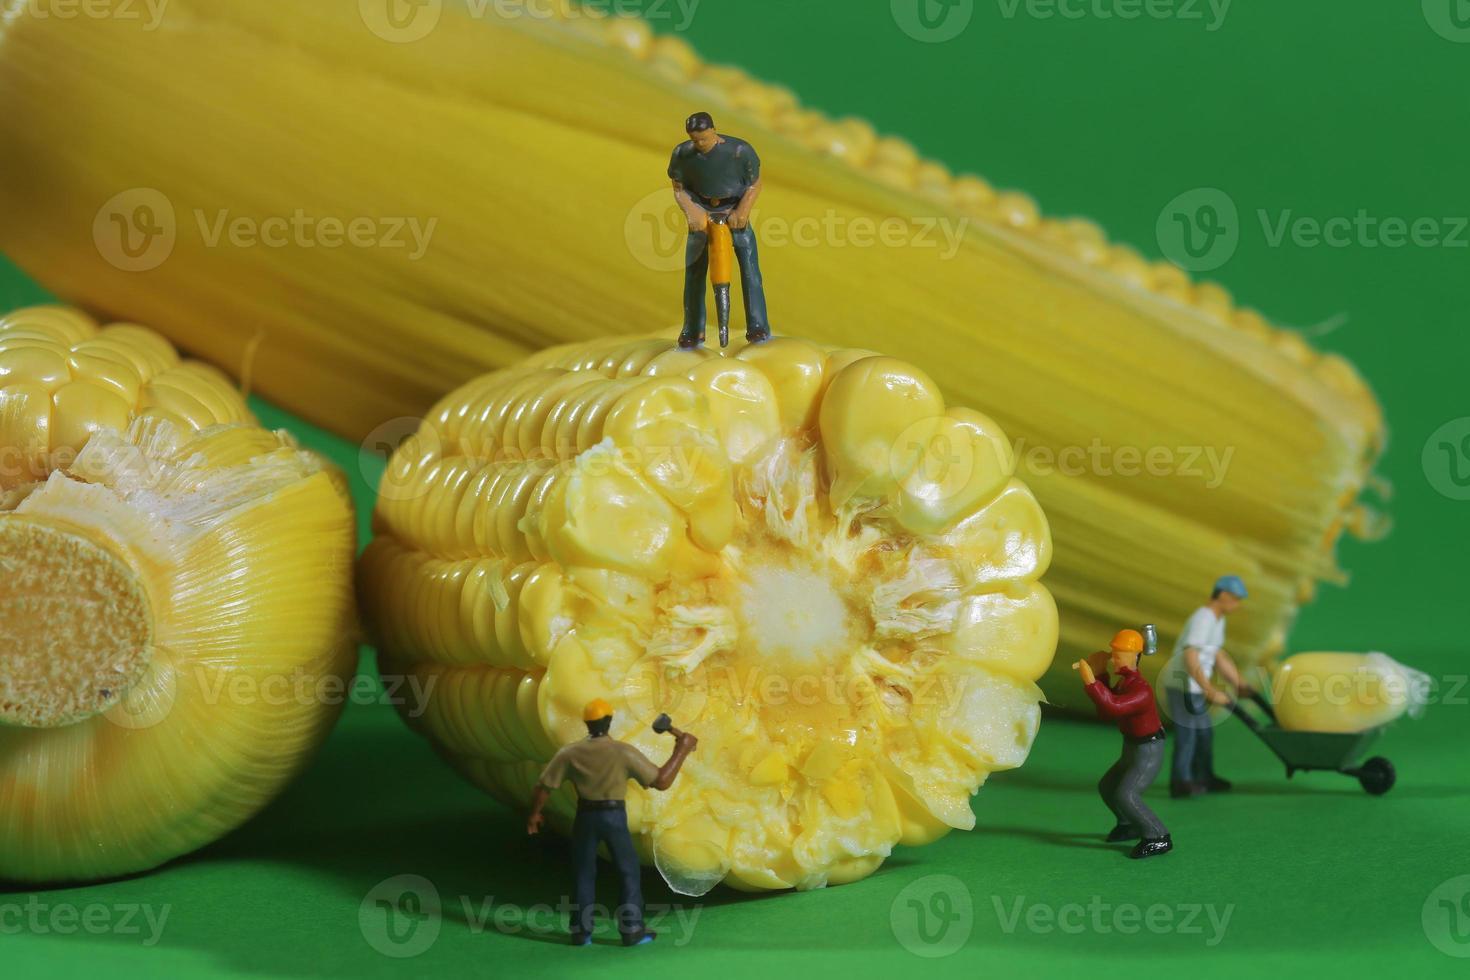 Miniaturbauarbeiter in konzeptionellen Essensbildern mit Mais foto